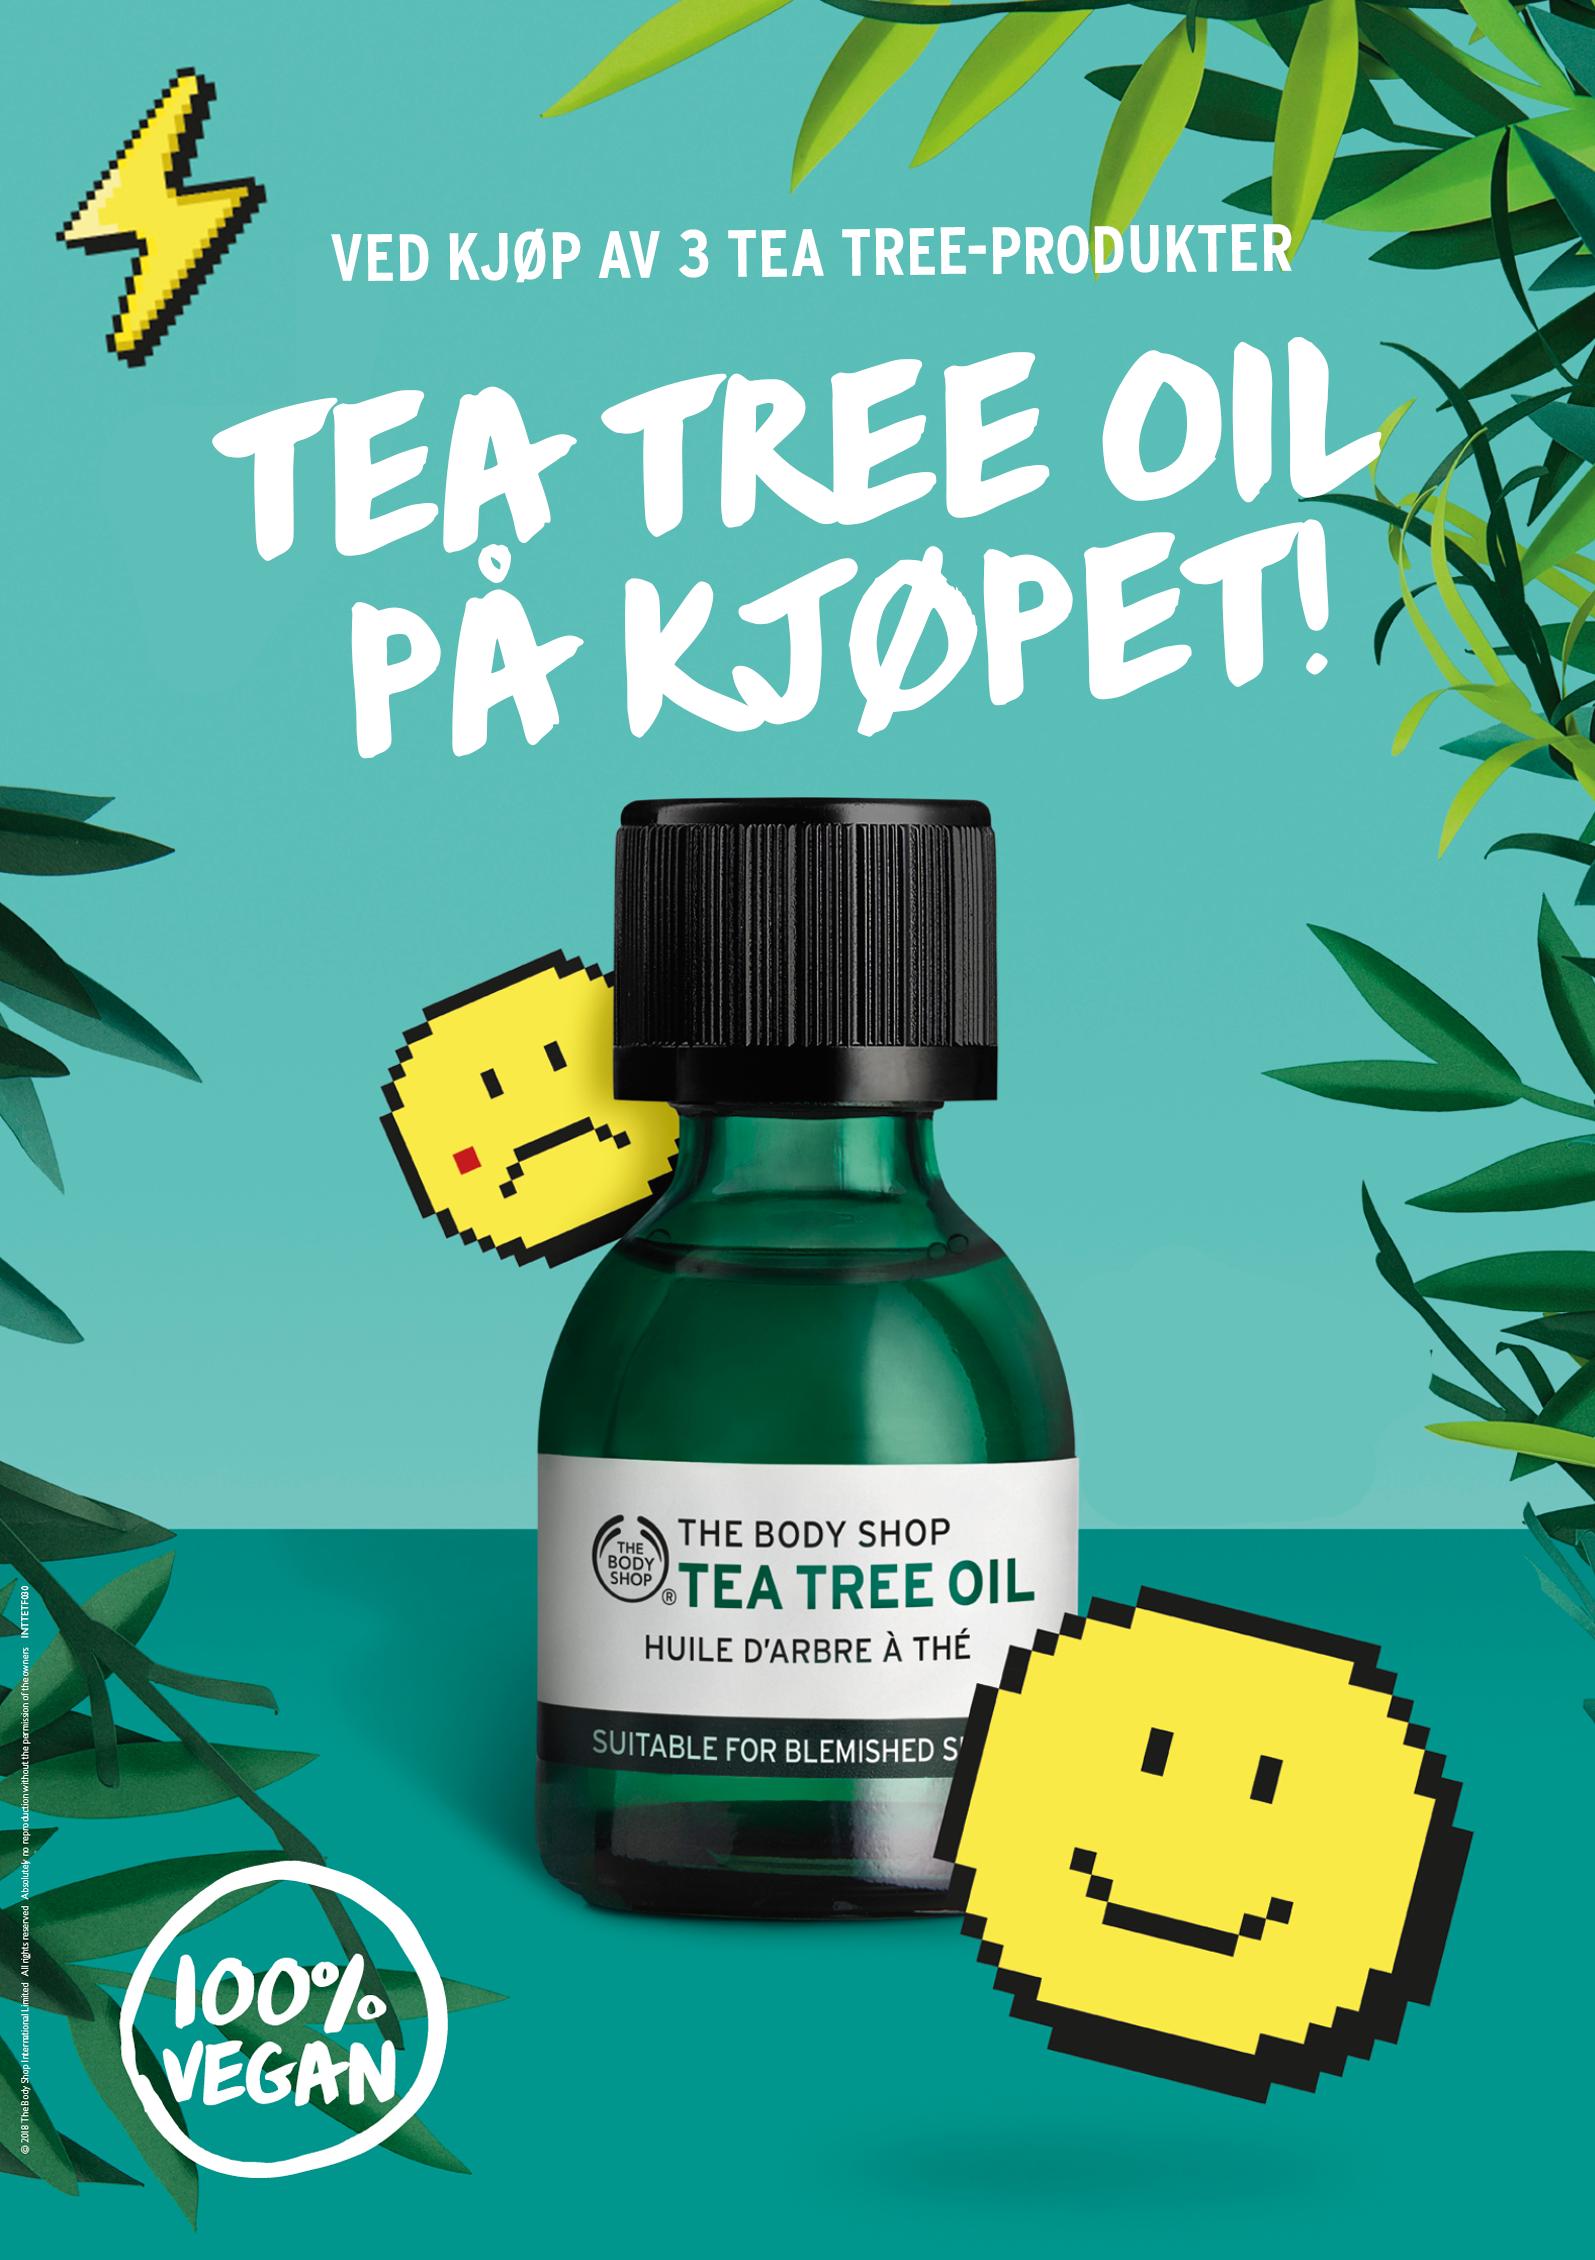 tea tree oil på kjøpet